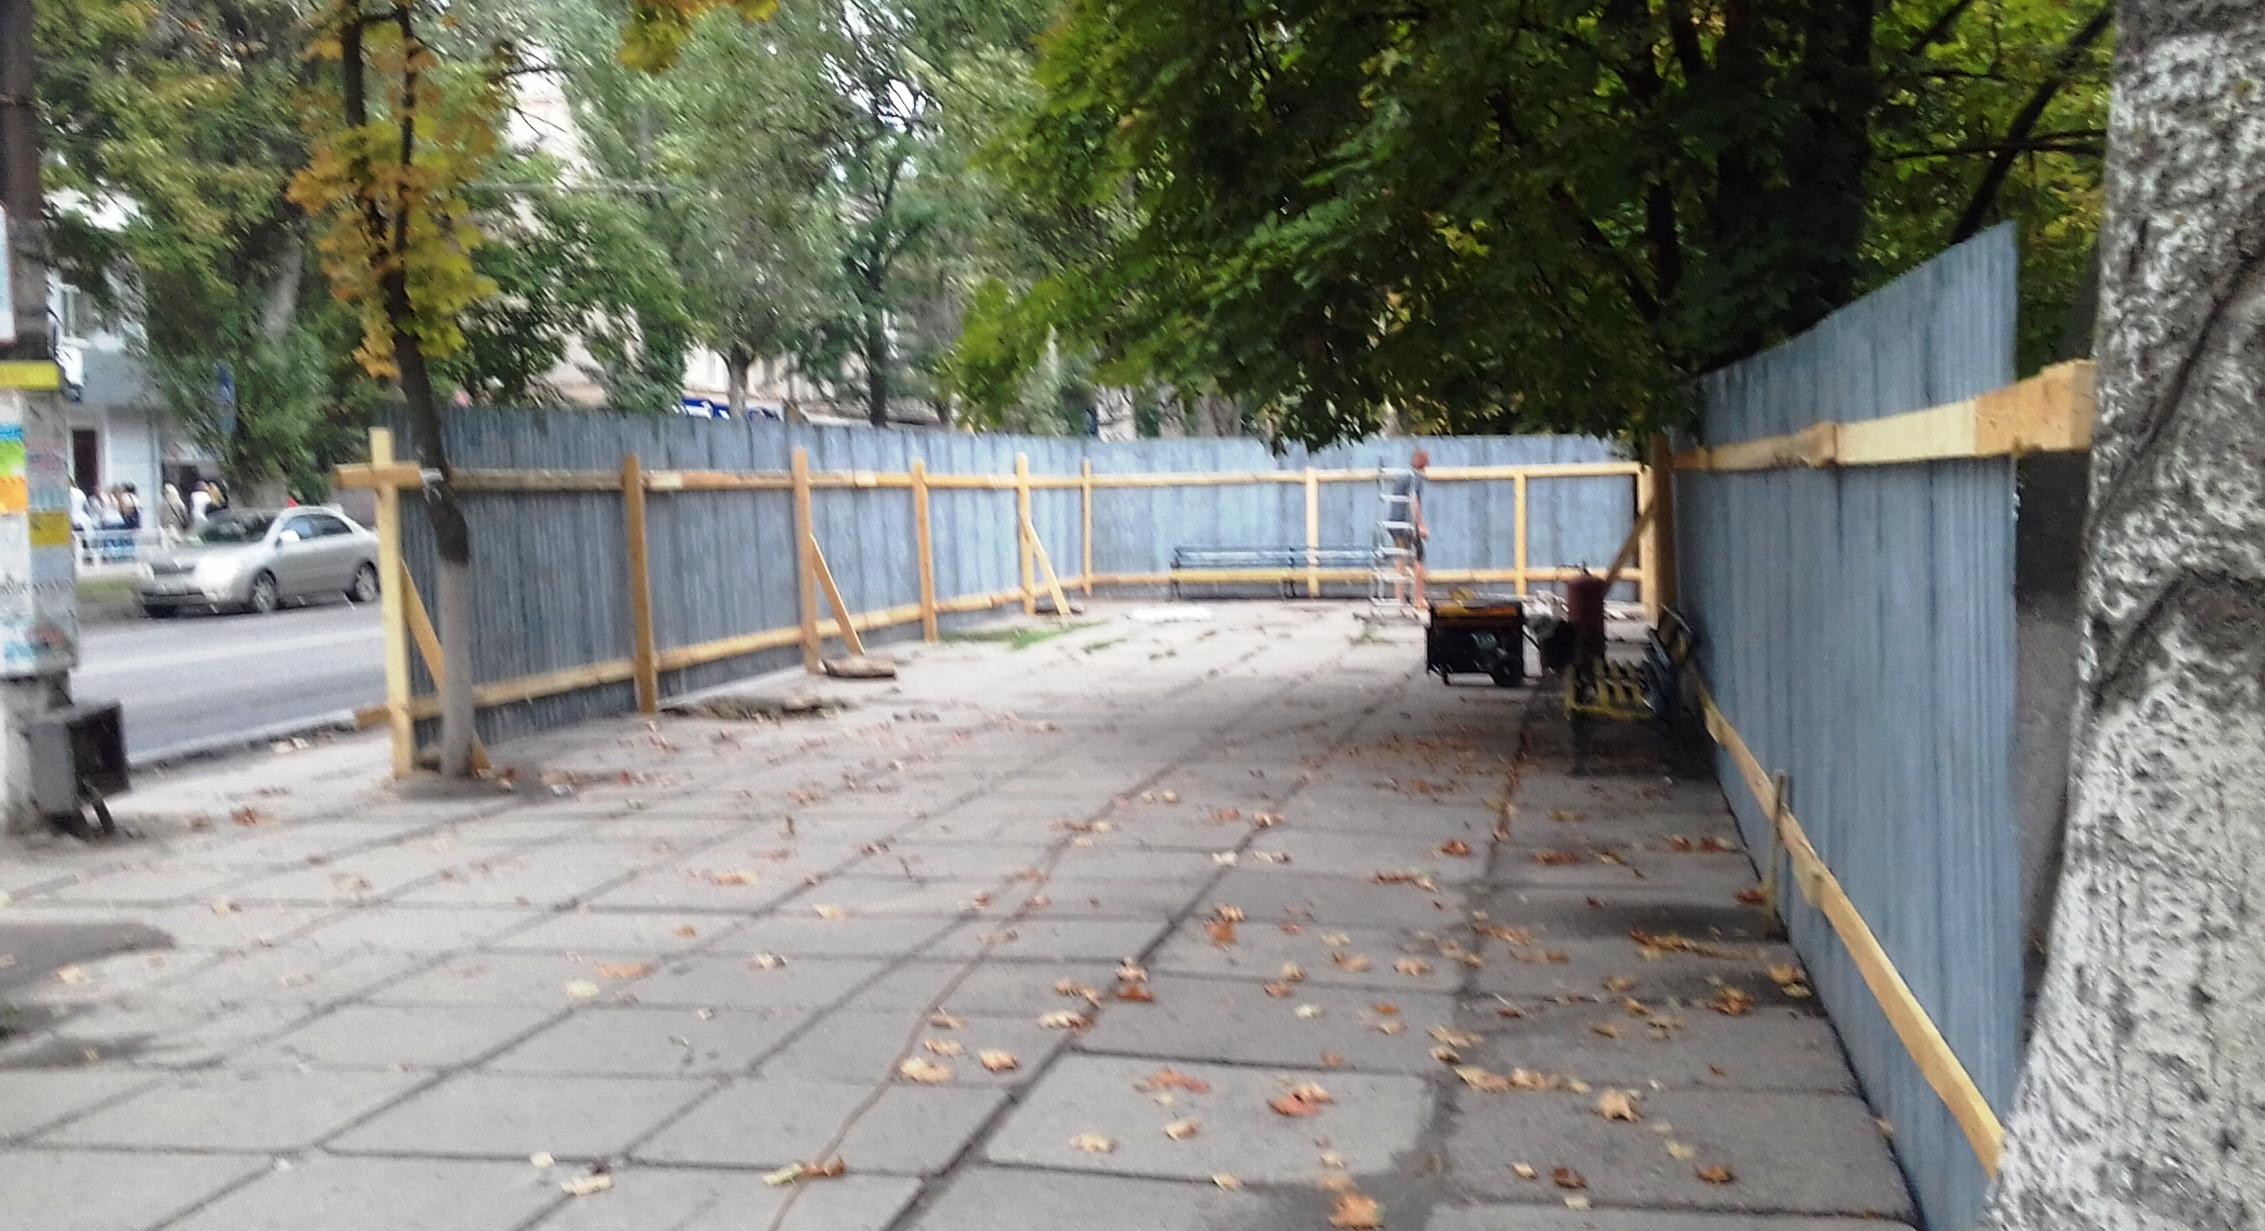 Херсонцам стало известно, что же строится на углу Ушакова -Кулика